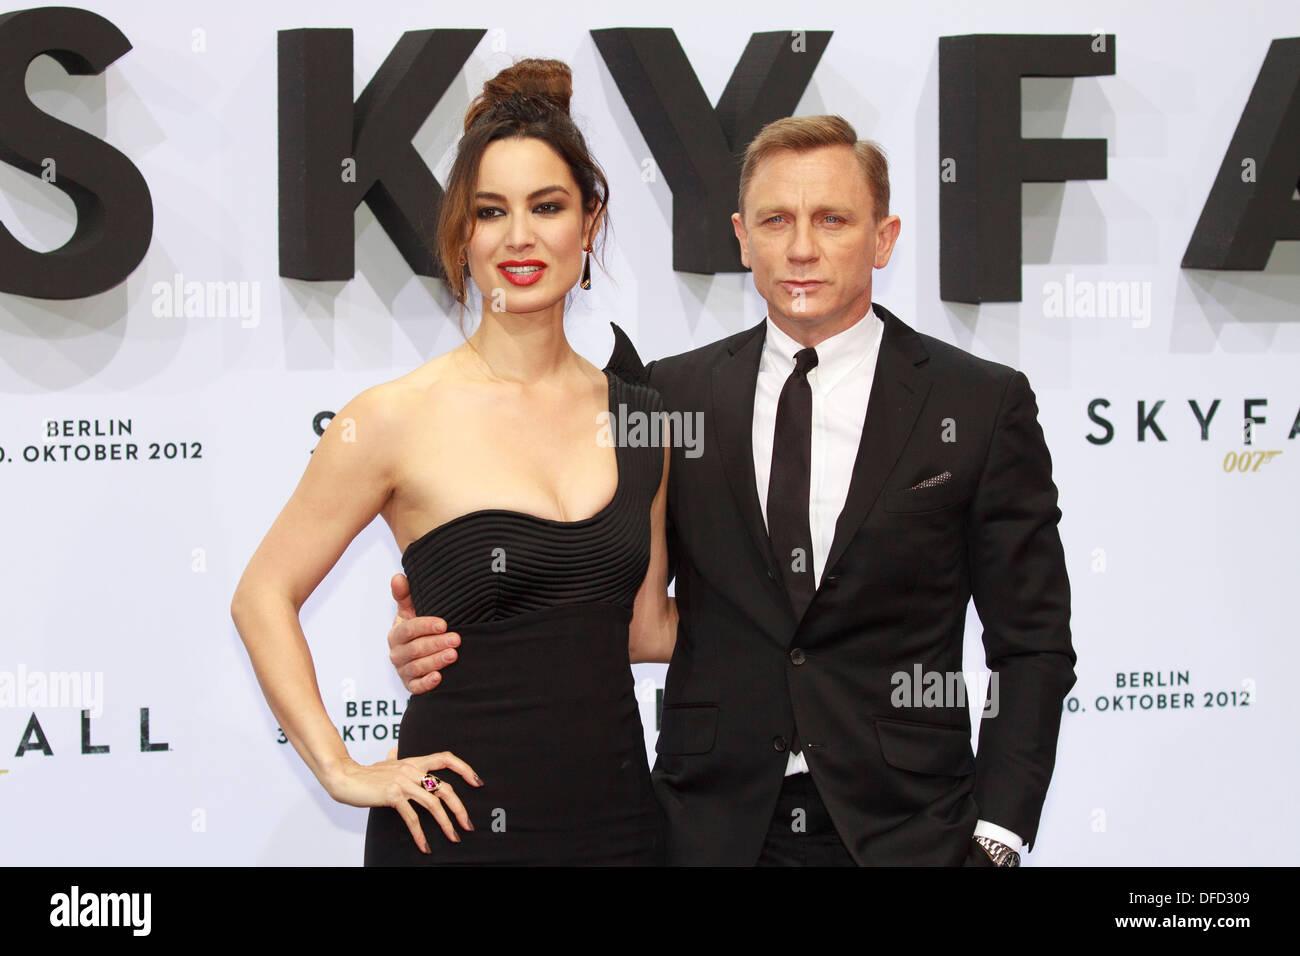 """Schauspieler Daniel Craig und Schauspielerin Berenice Marlohe Bei """"Skyfall"""" Film-Premiere in Berlin am 30. Oktober 2012 Stockbild"""